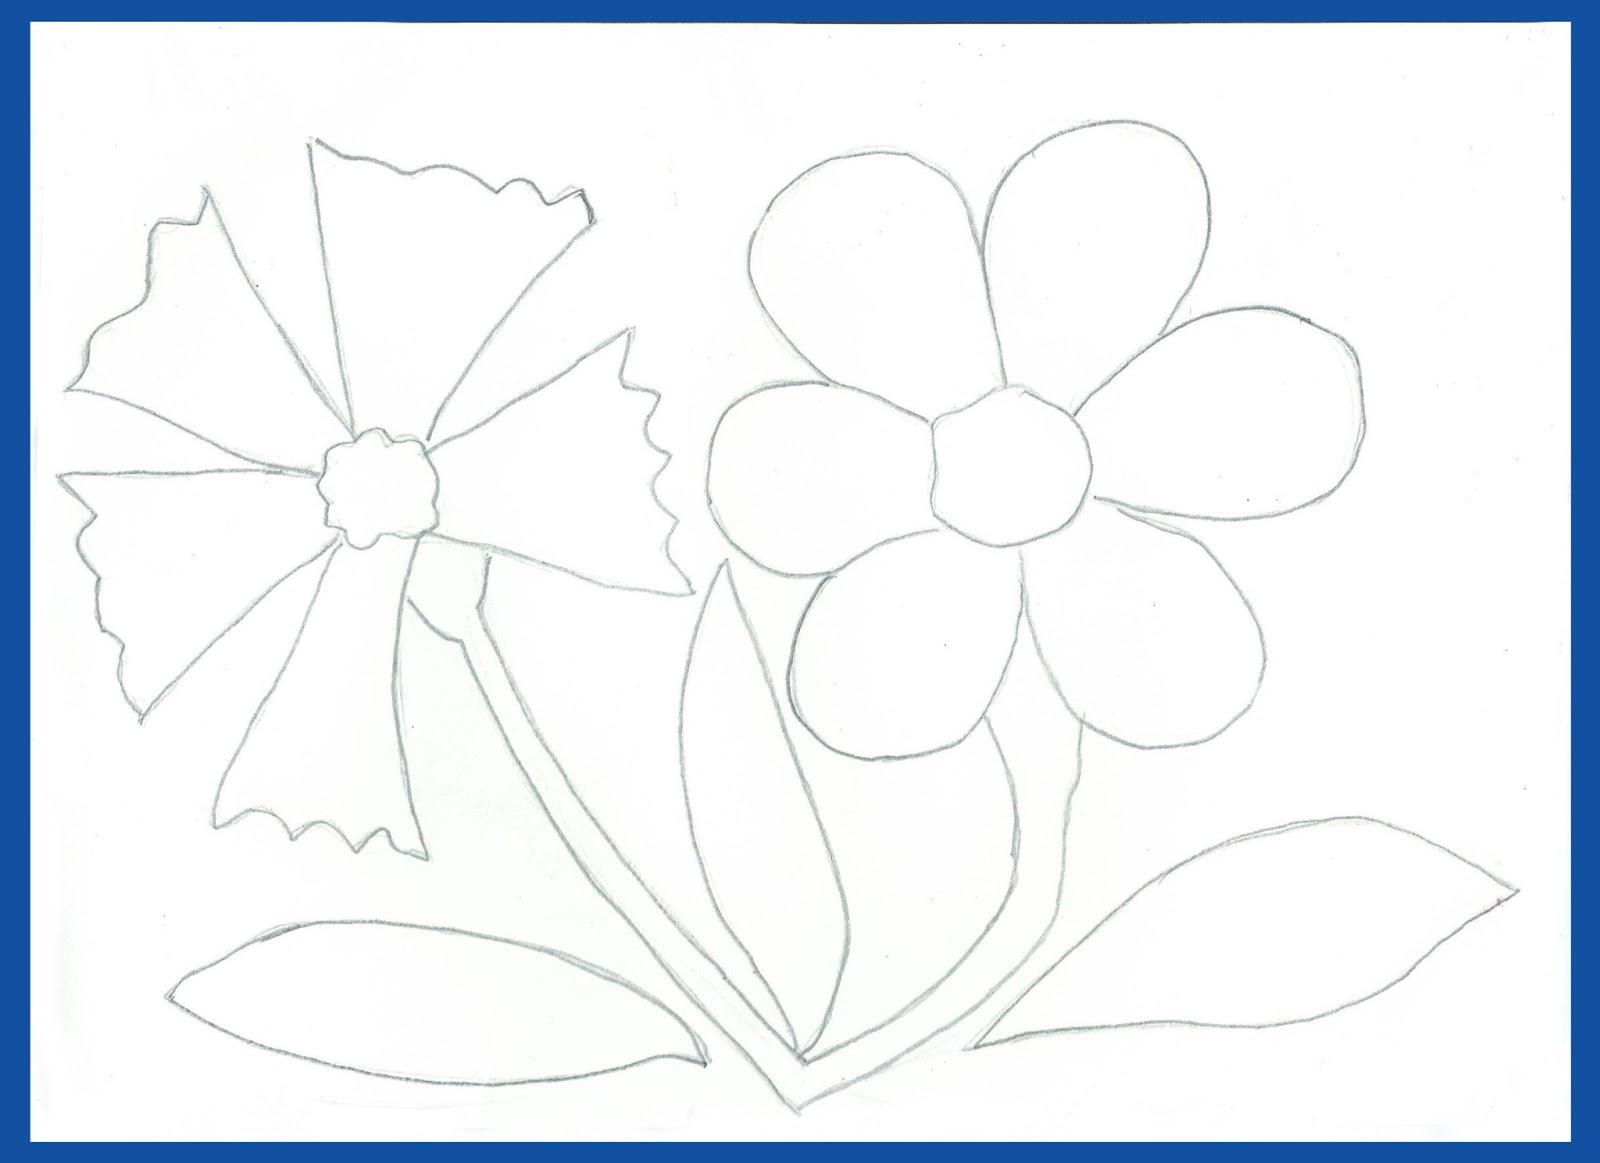 Ромашки из бумаги своими руками (схемы, шаблоны) Остров доброй надежды 41